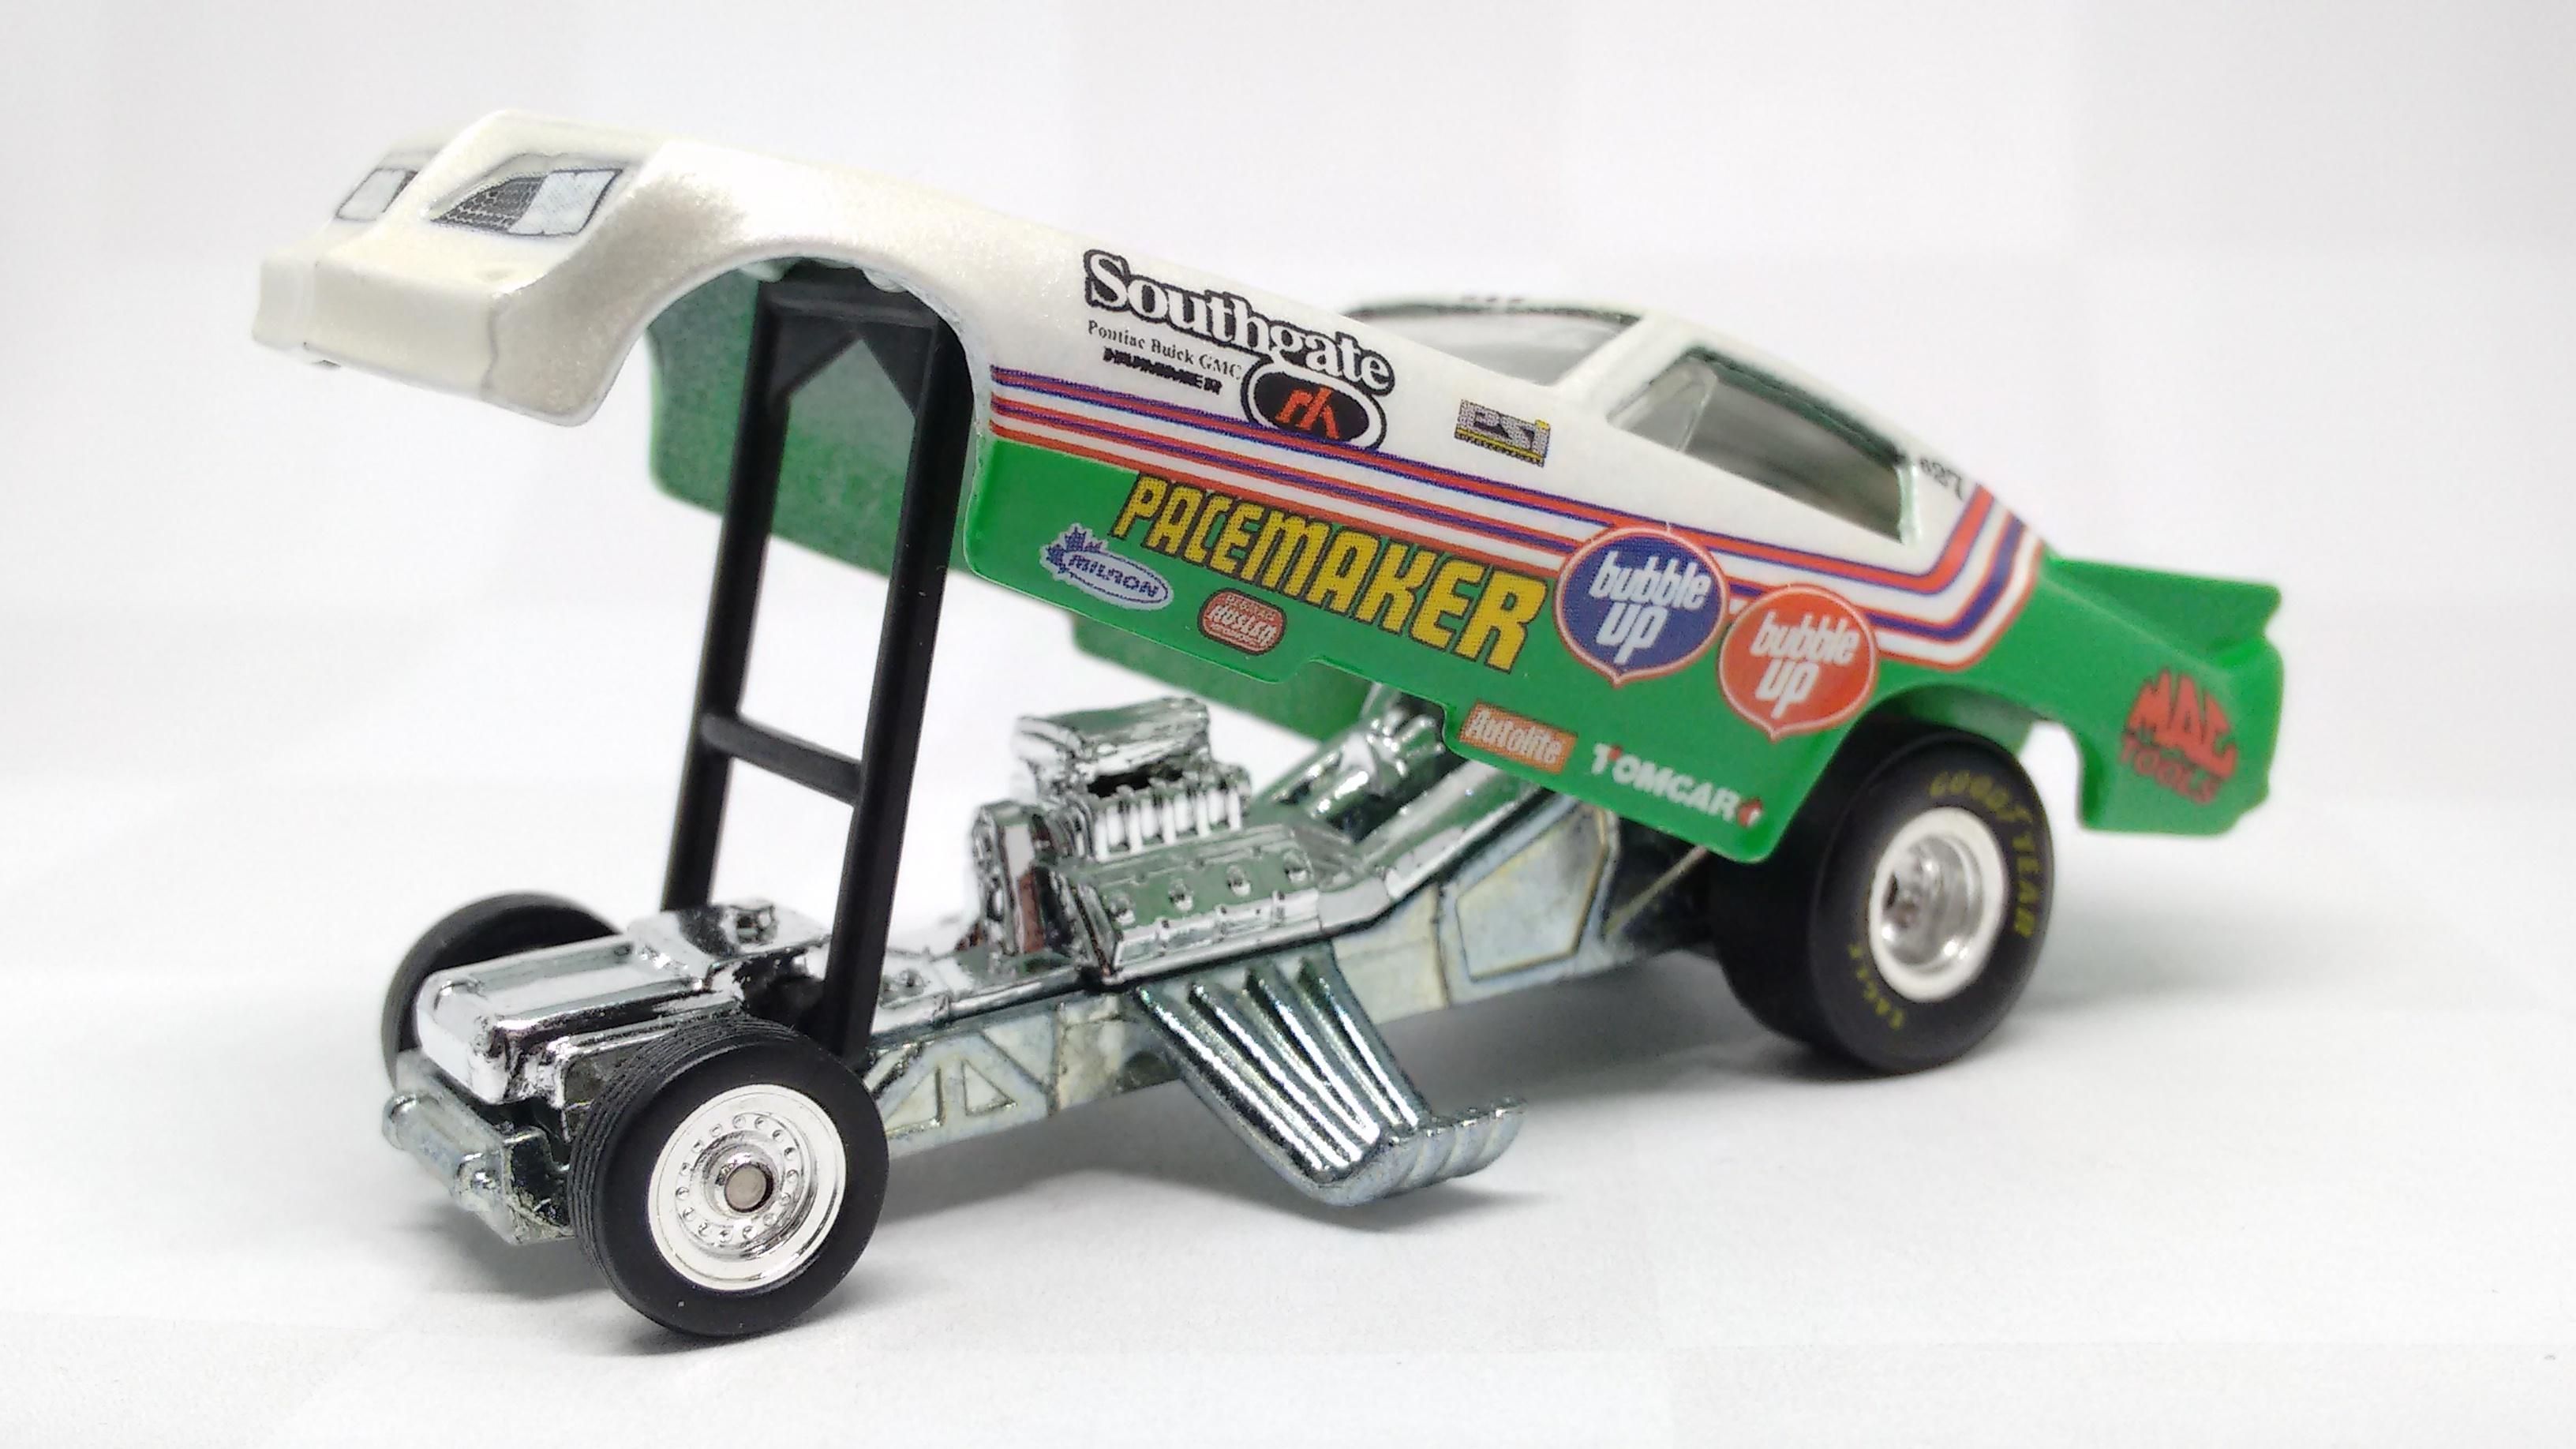 '77 Pontiac Firebird Funny Car